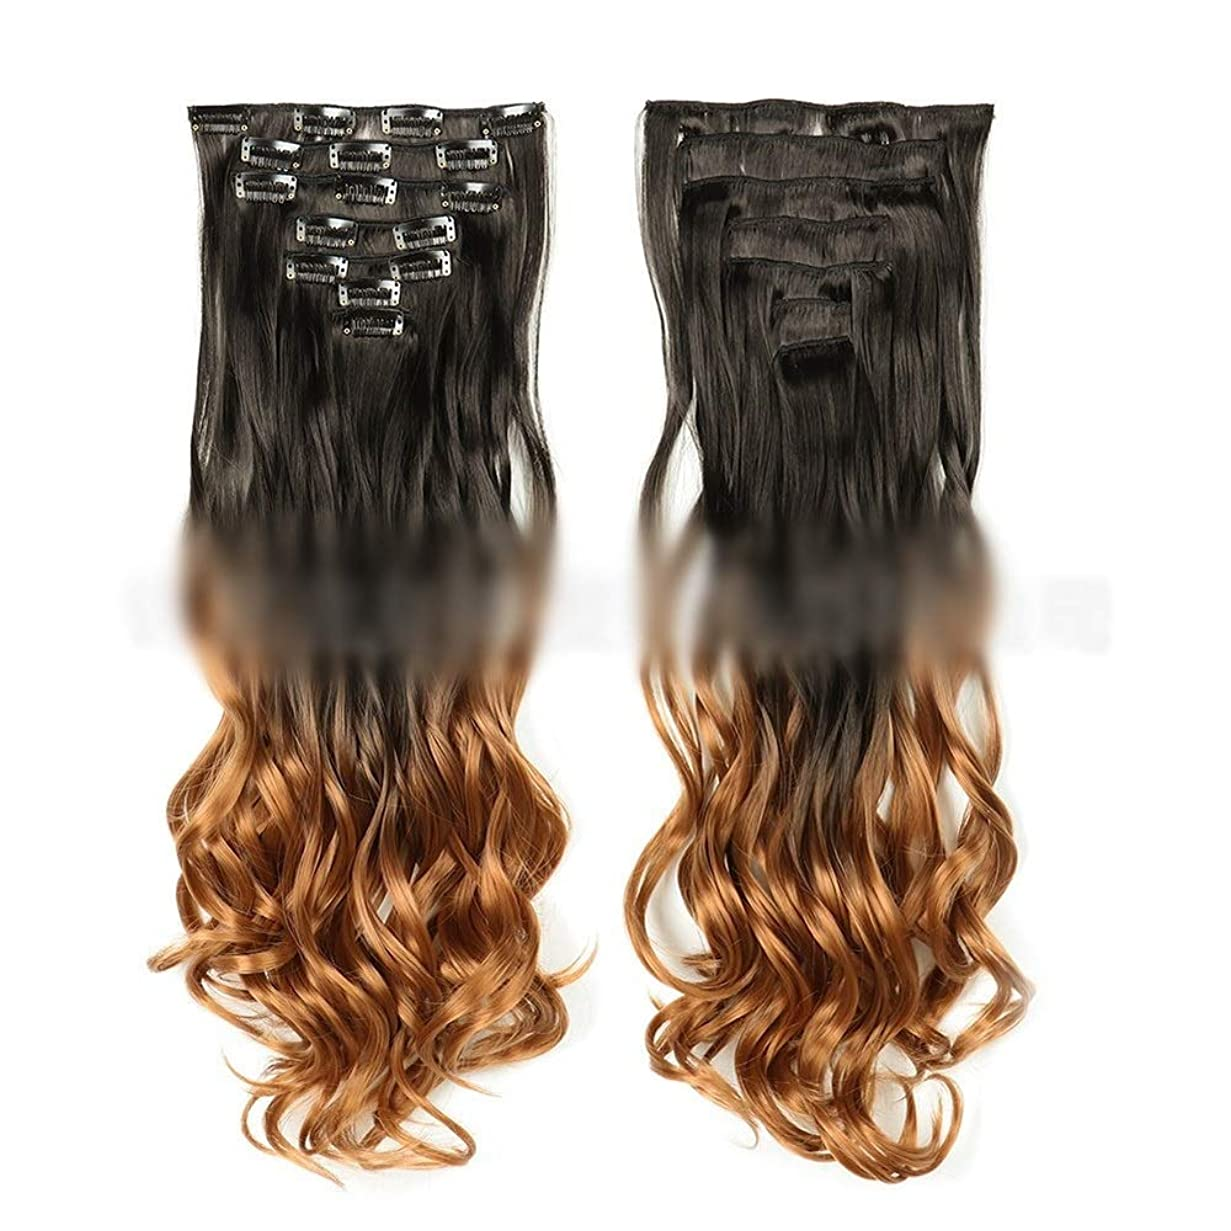 女の子ソブリケット識字YESONEEP ファッション22インチ(55cm)ロングカーリーヘアエクステンションクリップイン - 7個合計16クリップフルヘッドヘアピースビッグウェーブウィッグ、 (色 : #2T30)